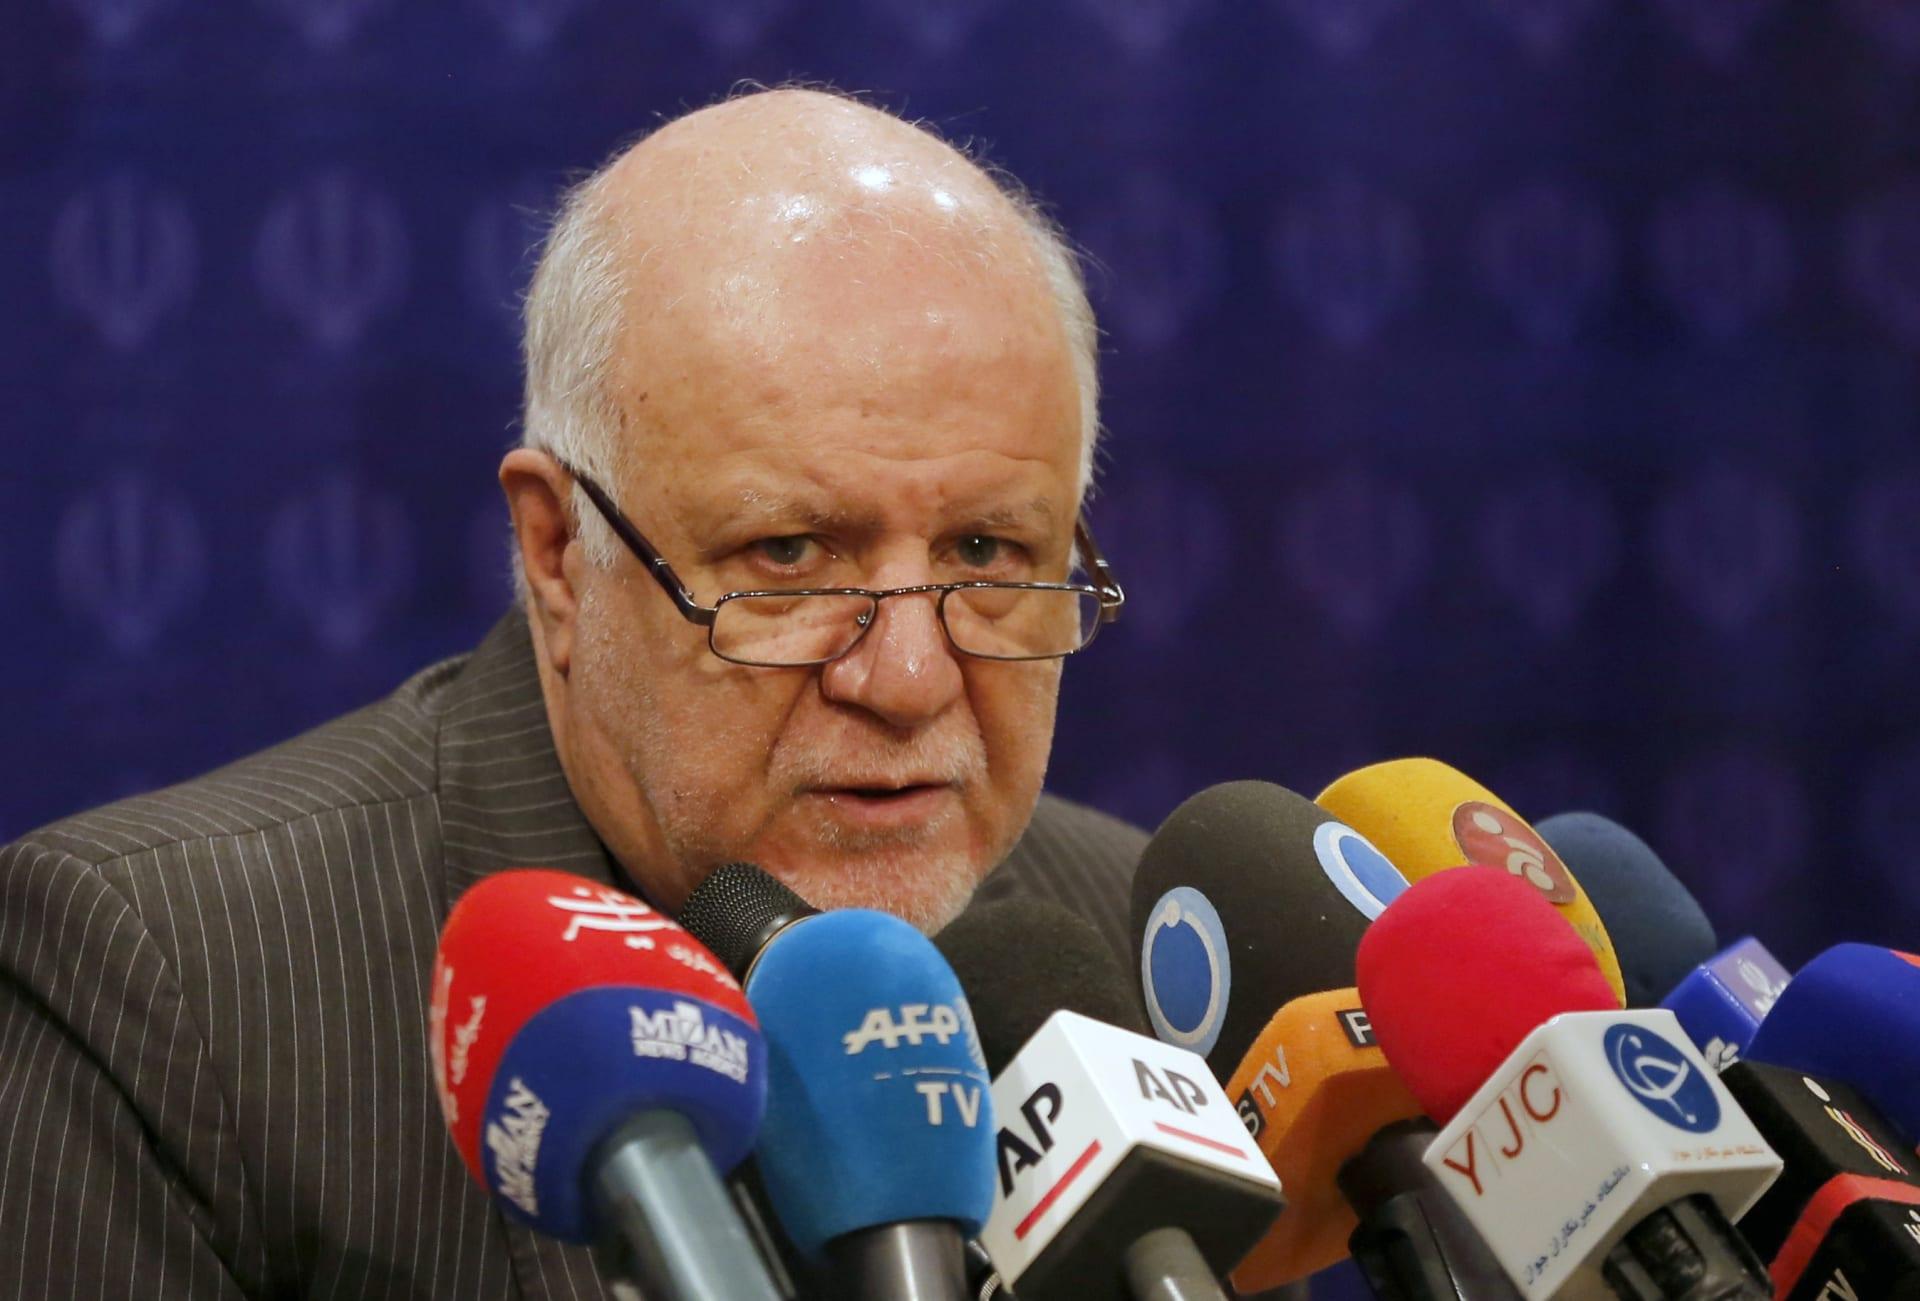 وزير النفط الإيراني: تخطينا قطر في إنتاج الغاز من الحقل المشترك